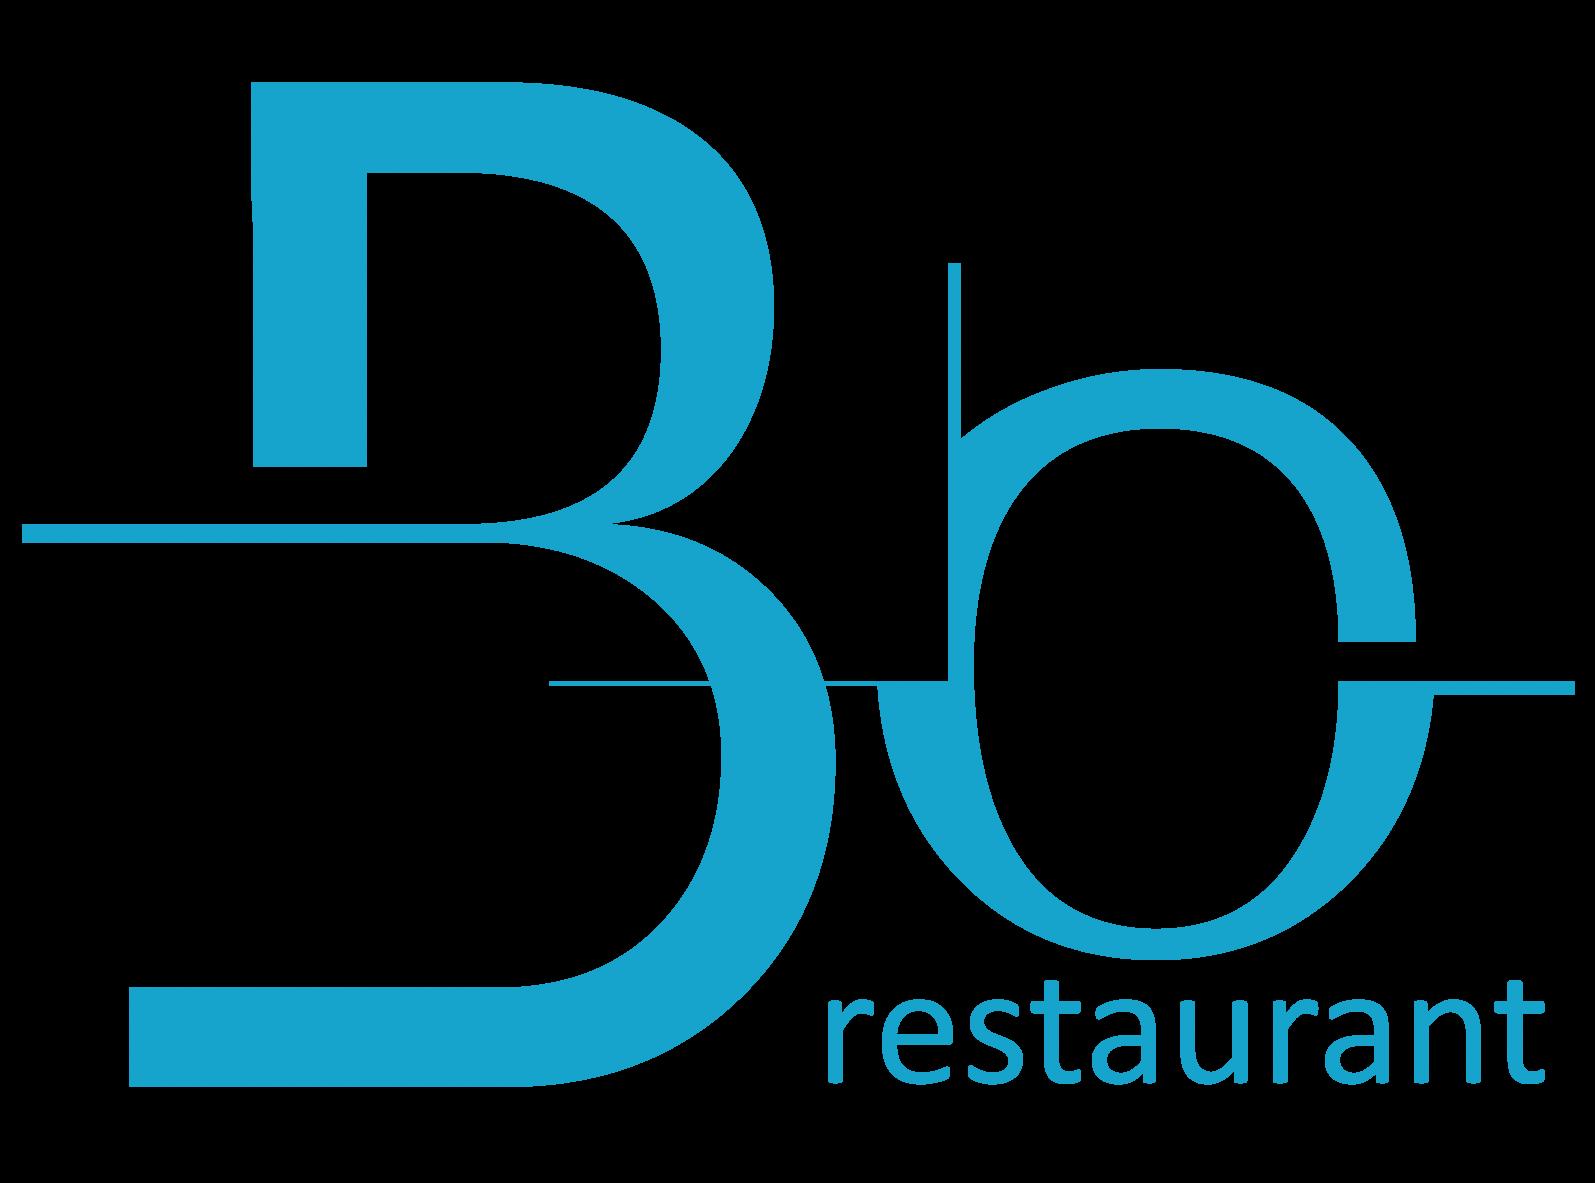 Le BO - Le bouche à oreille